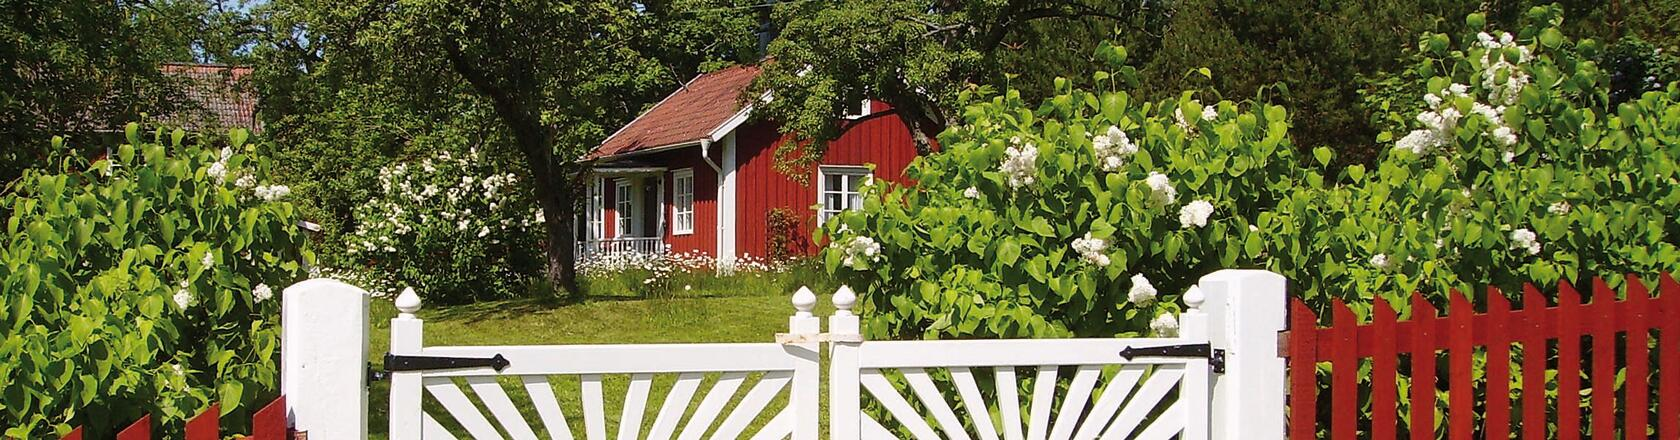 osten trifft westen renovierung luxushaus, ferienhaus in schweden - urlaub in traumhafter natur, Design ideen